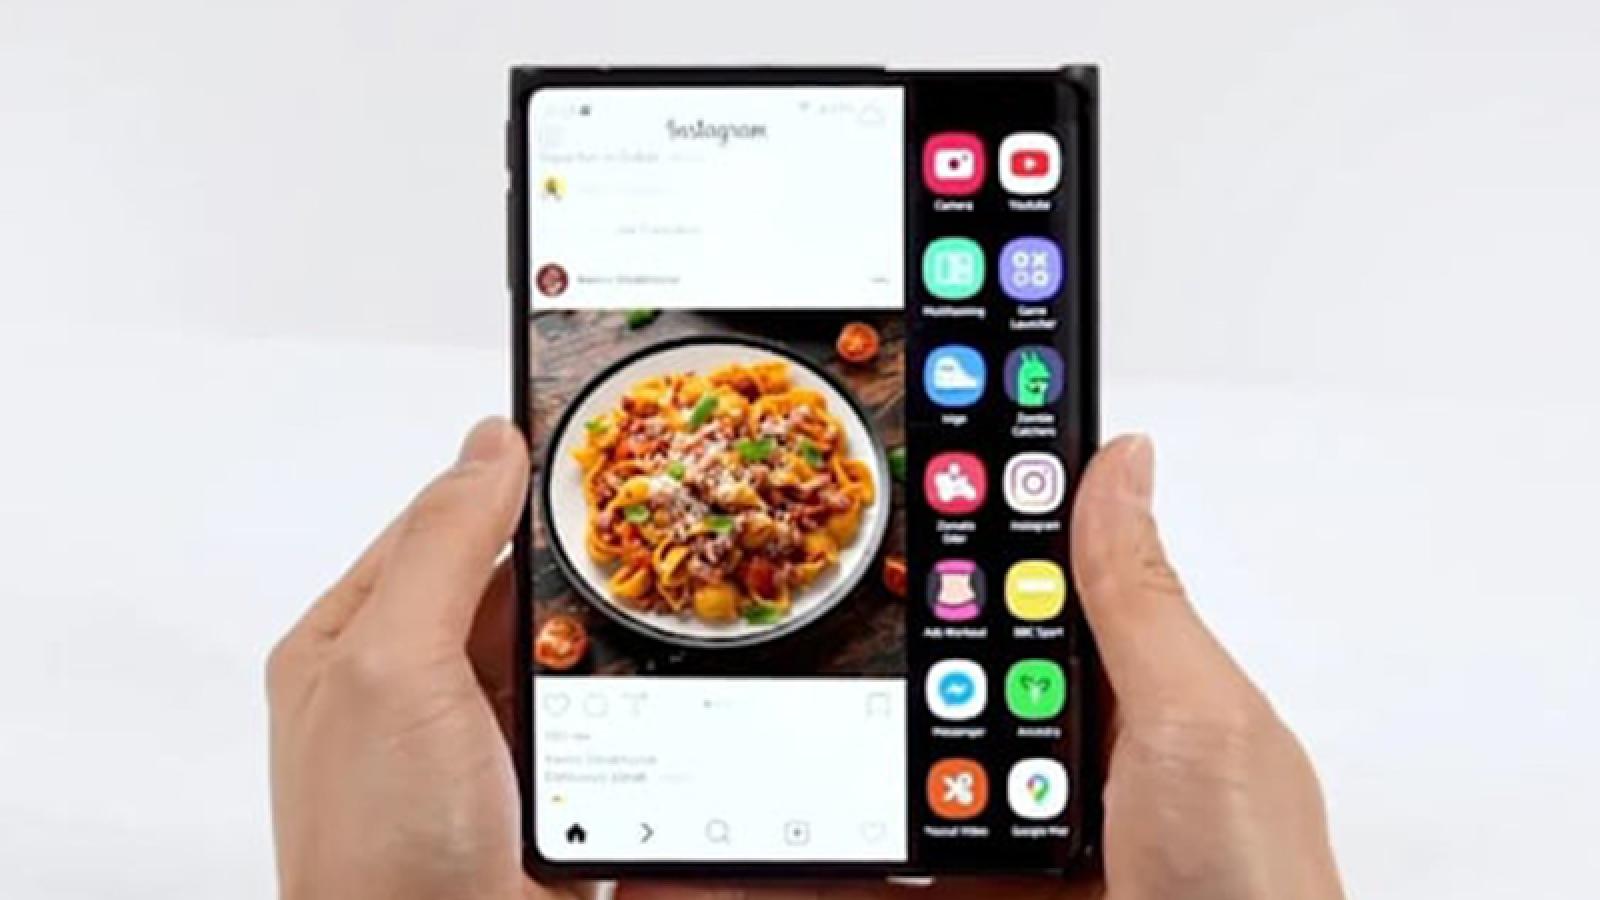 Samsung phô diễn một loạt màn hình linh hoạt thế hệ mới